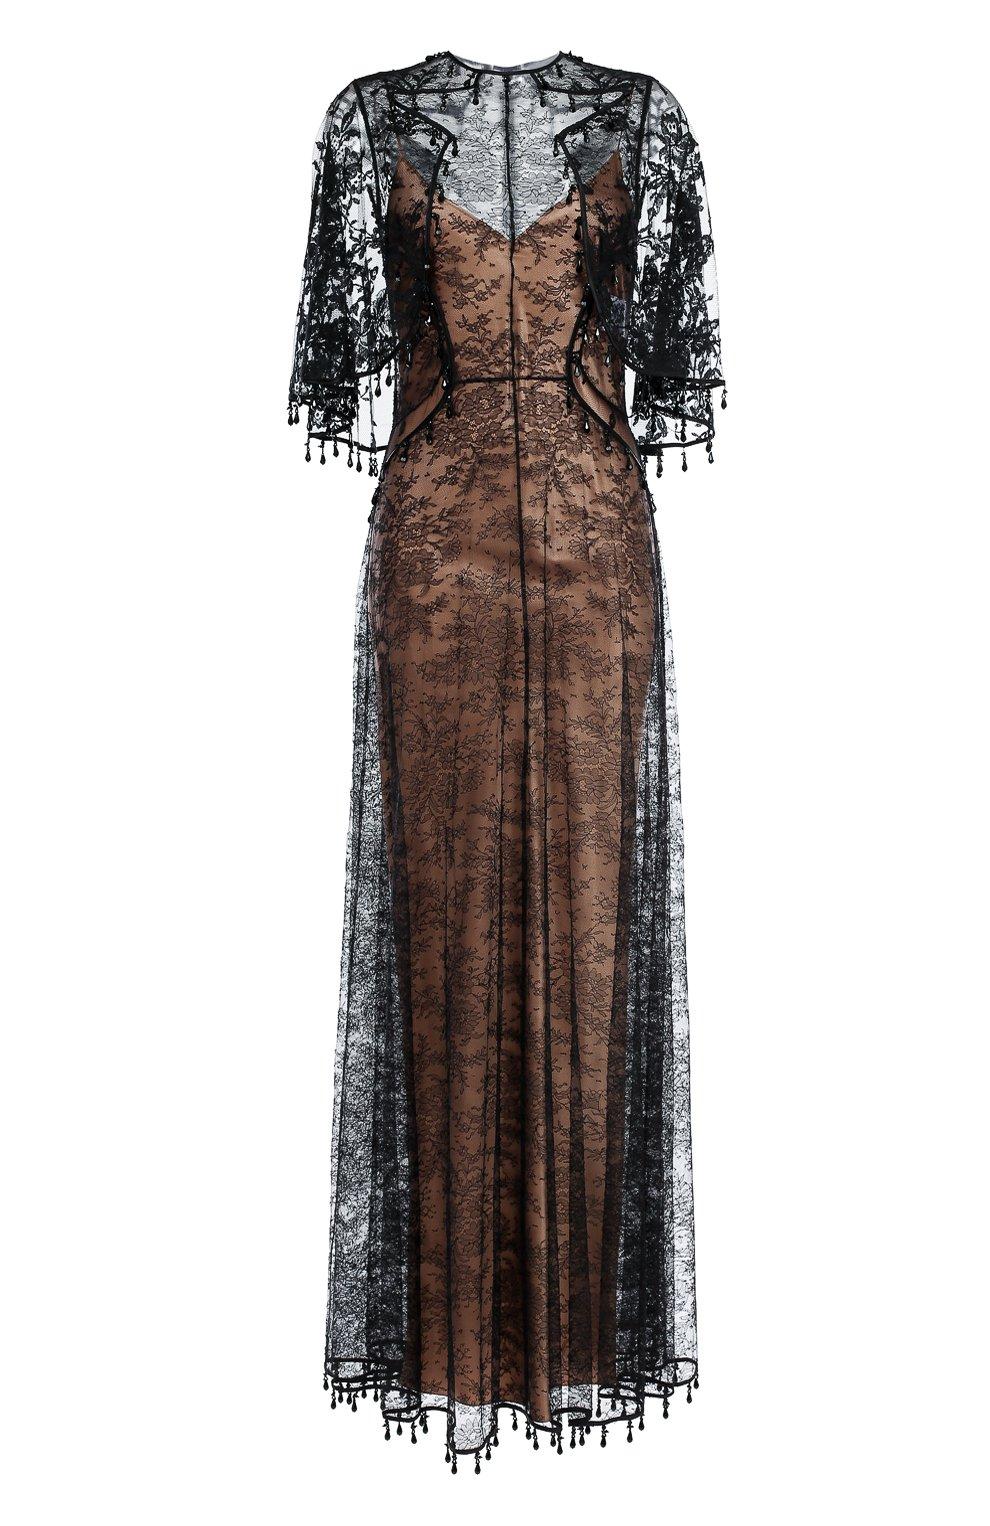 Платье Женское Купить Размер 54